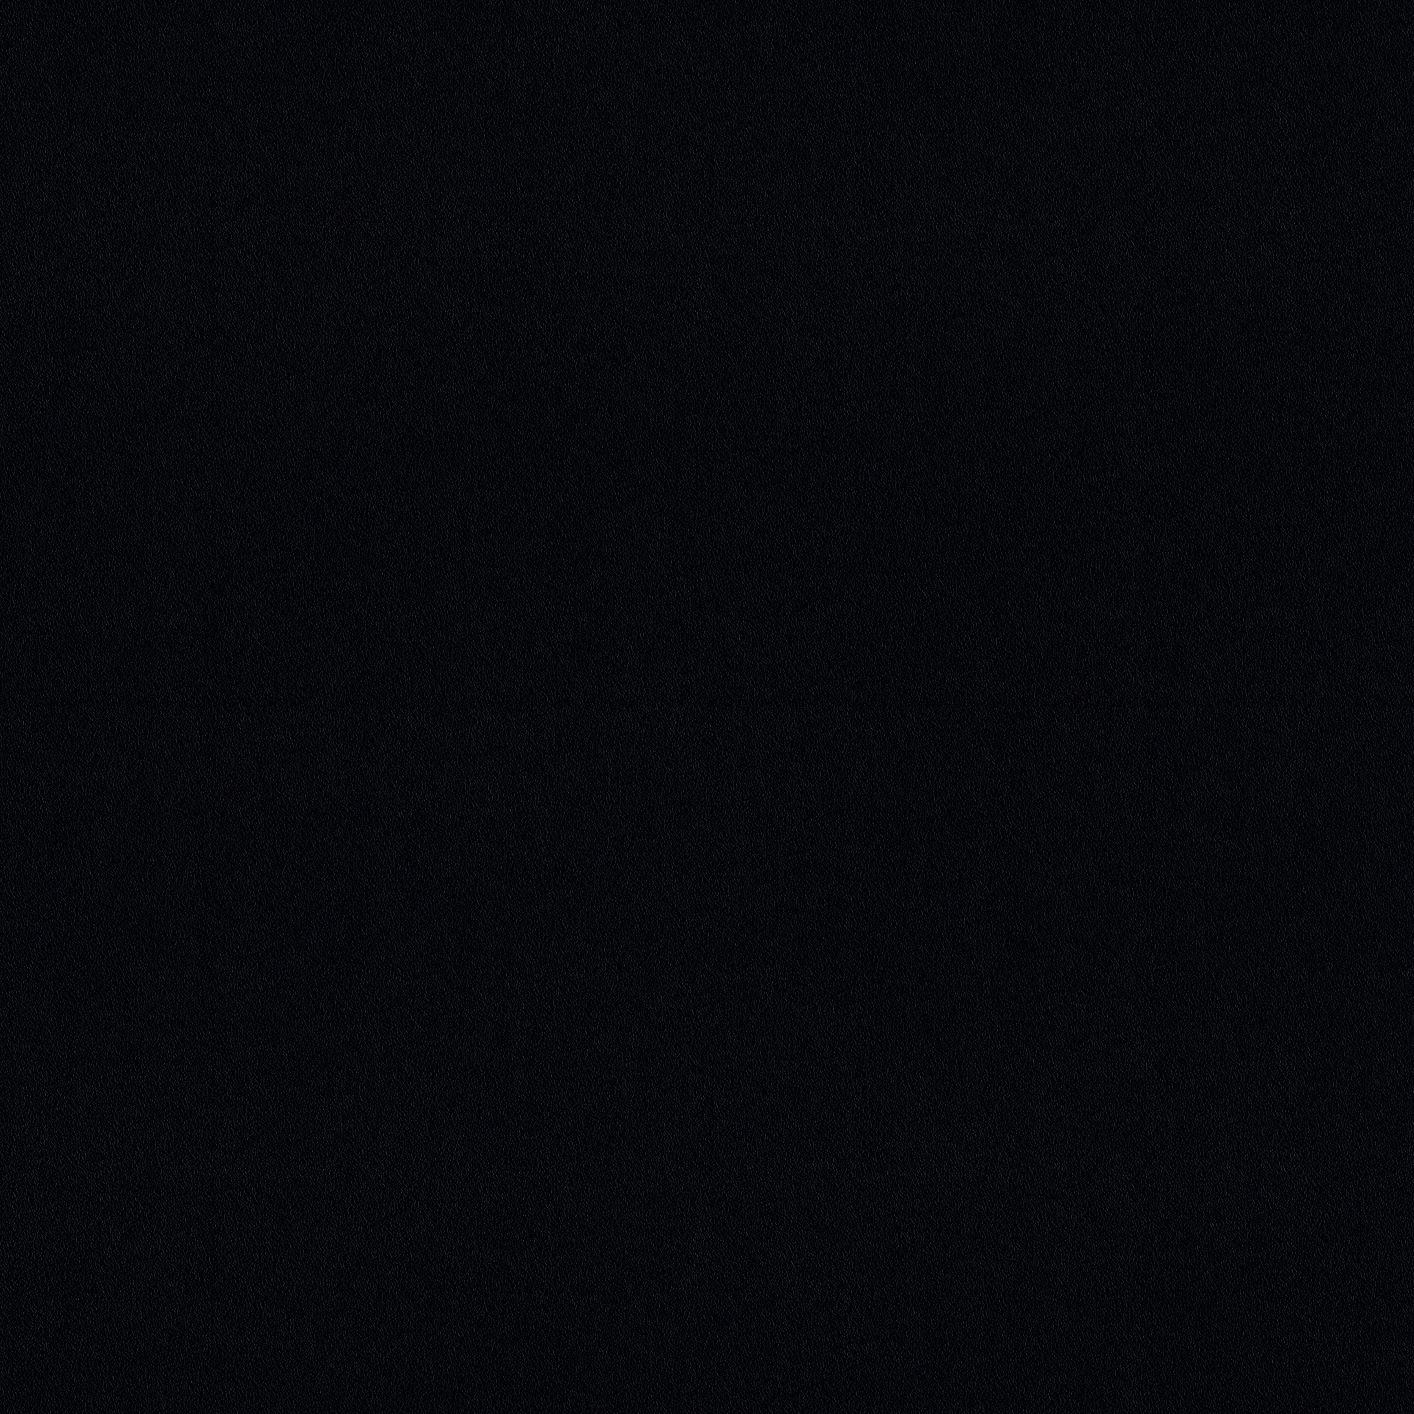 06-Black